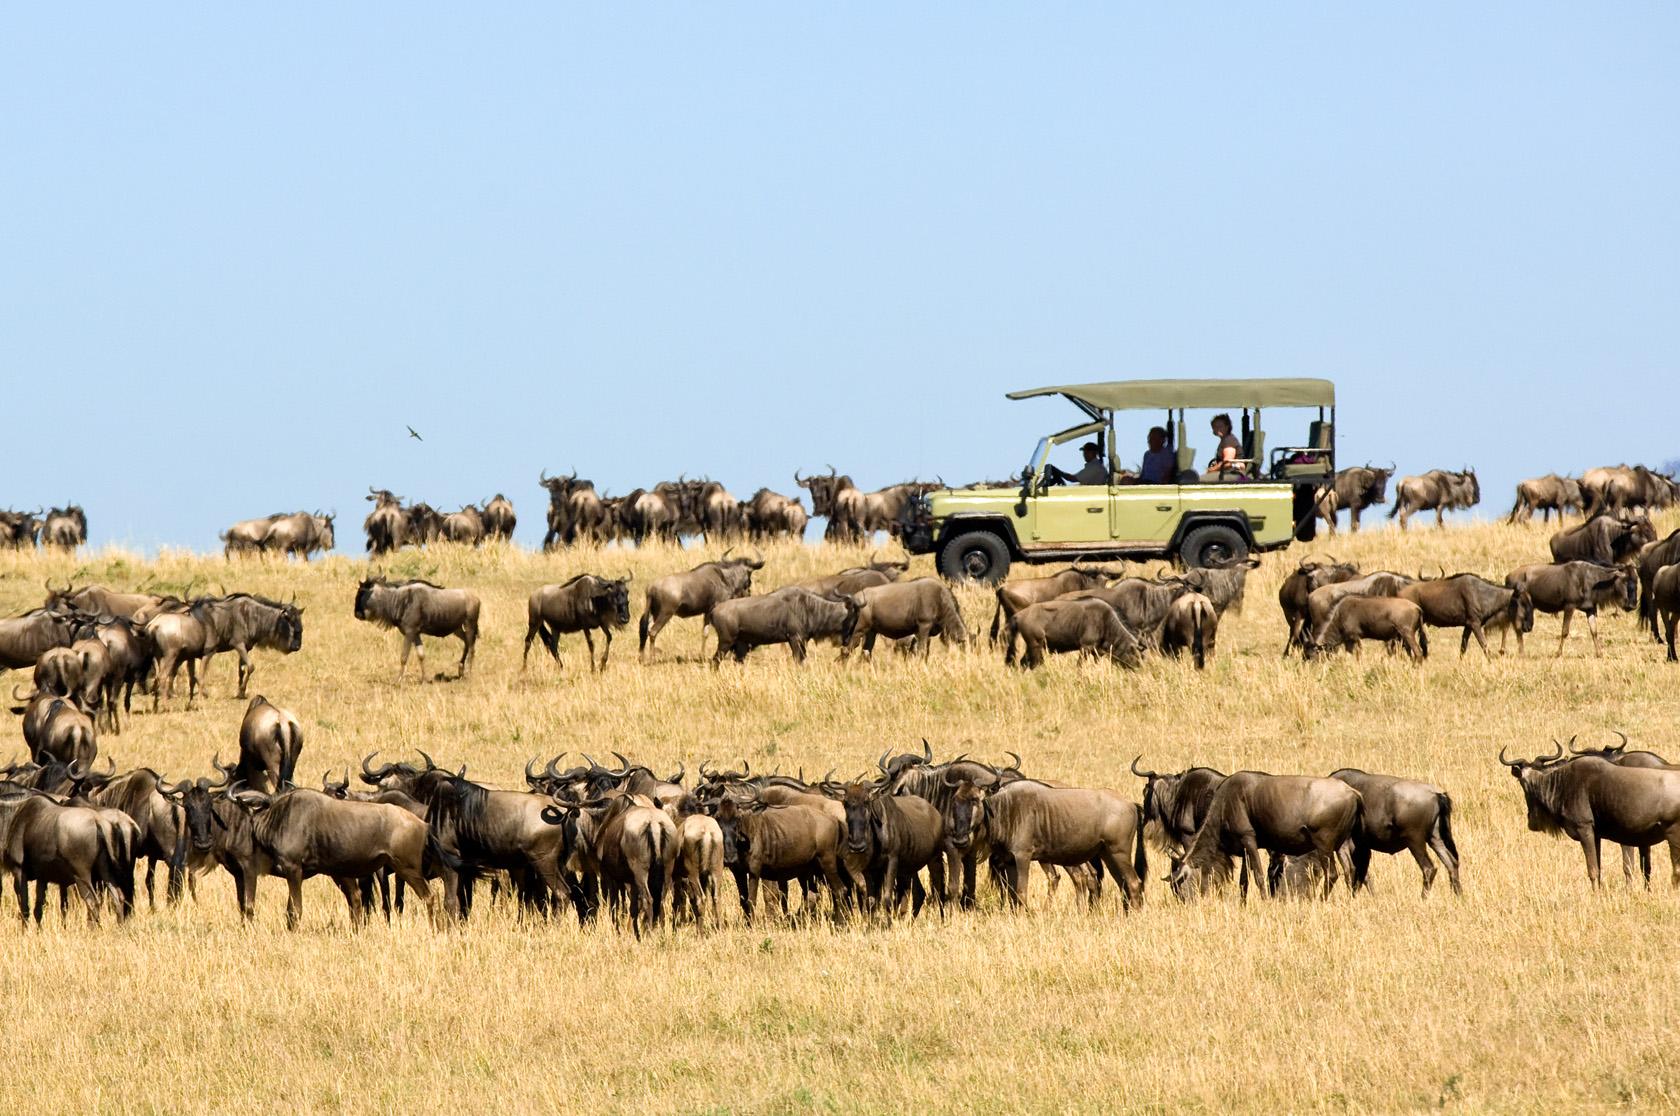 Tanzania Zegrahm